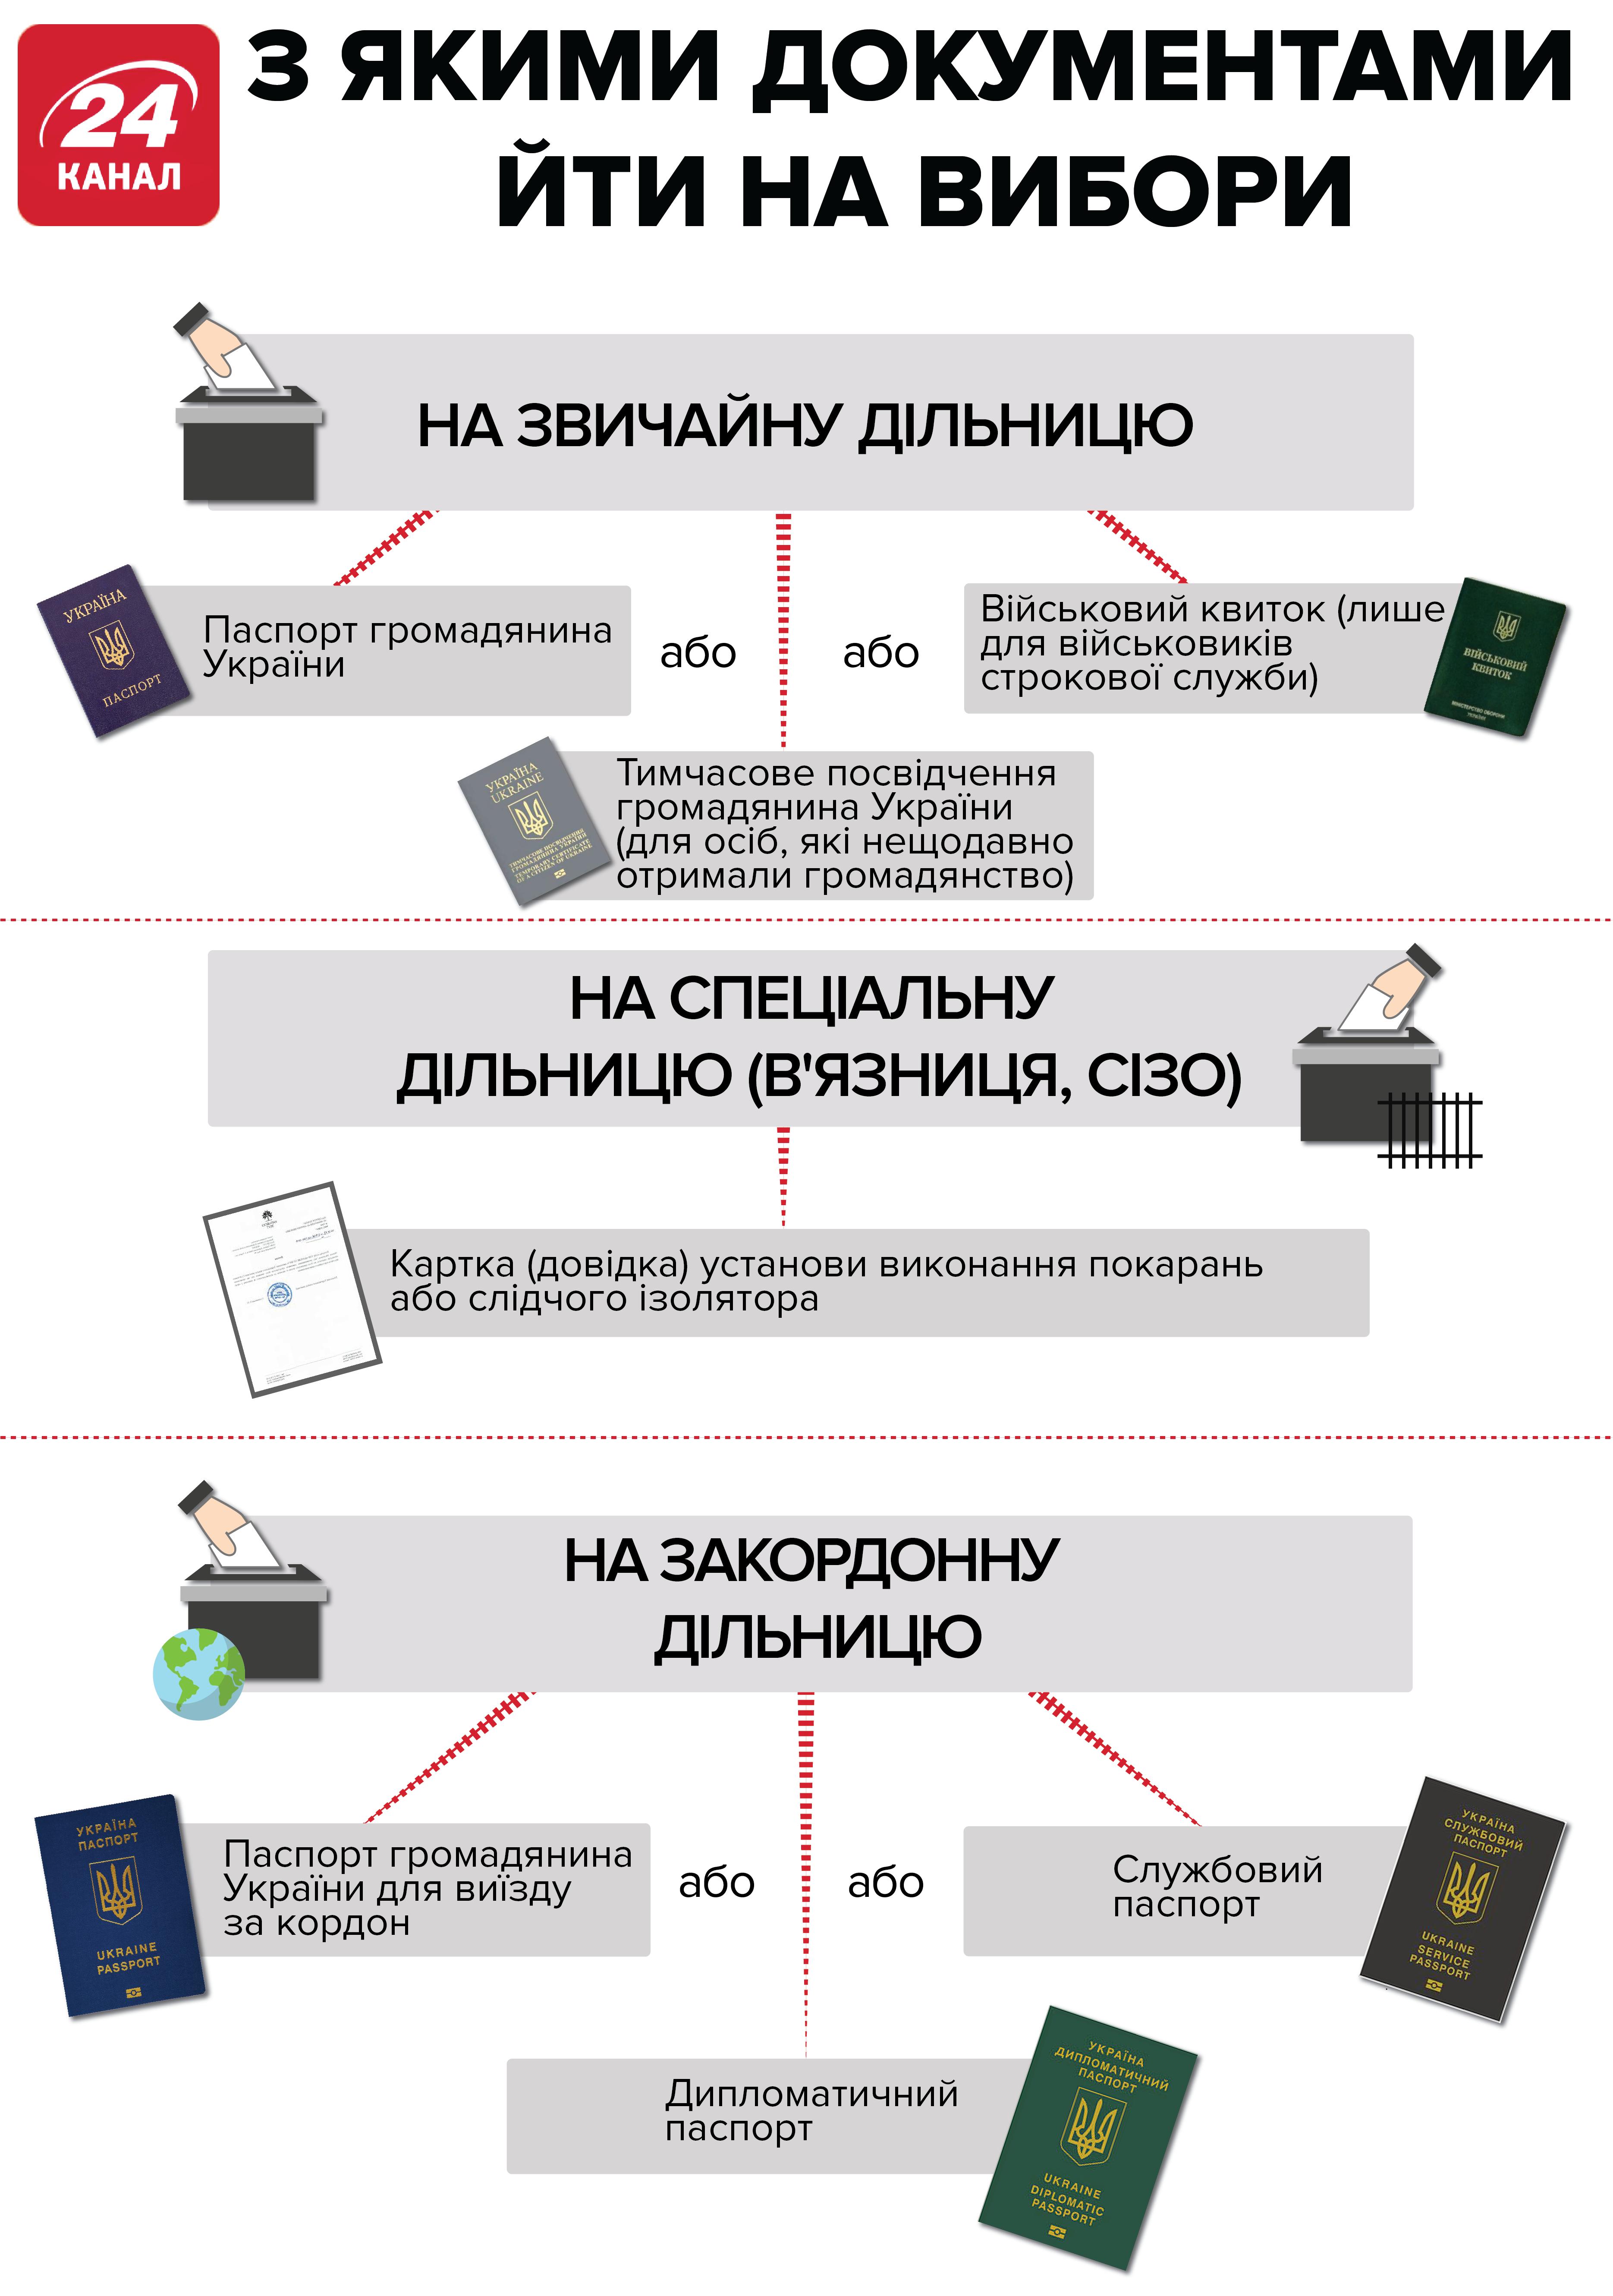 Пам'ятка виборця: які документи потрібні на виборчій дільниці